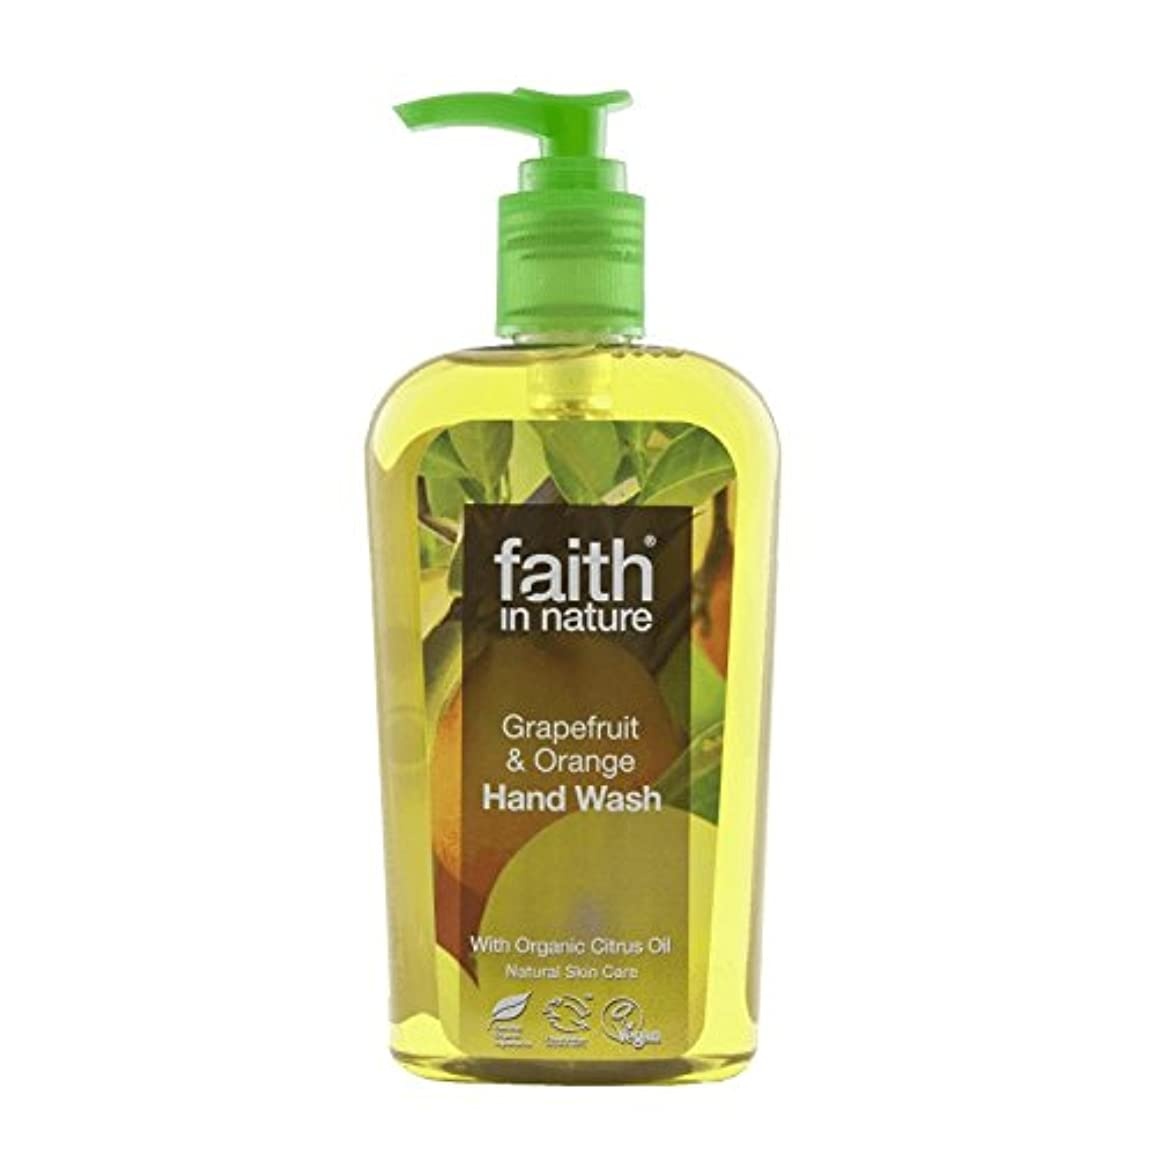 三十スクレーパー悪行Faith In Nature Grapefruit & Orange Handwash 300ml (Pack of 2) - 自然グレープフルーツ&オレンジ手洗いの300ミリリットルの信仰 (x2) [並行輸入品]